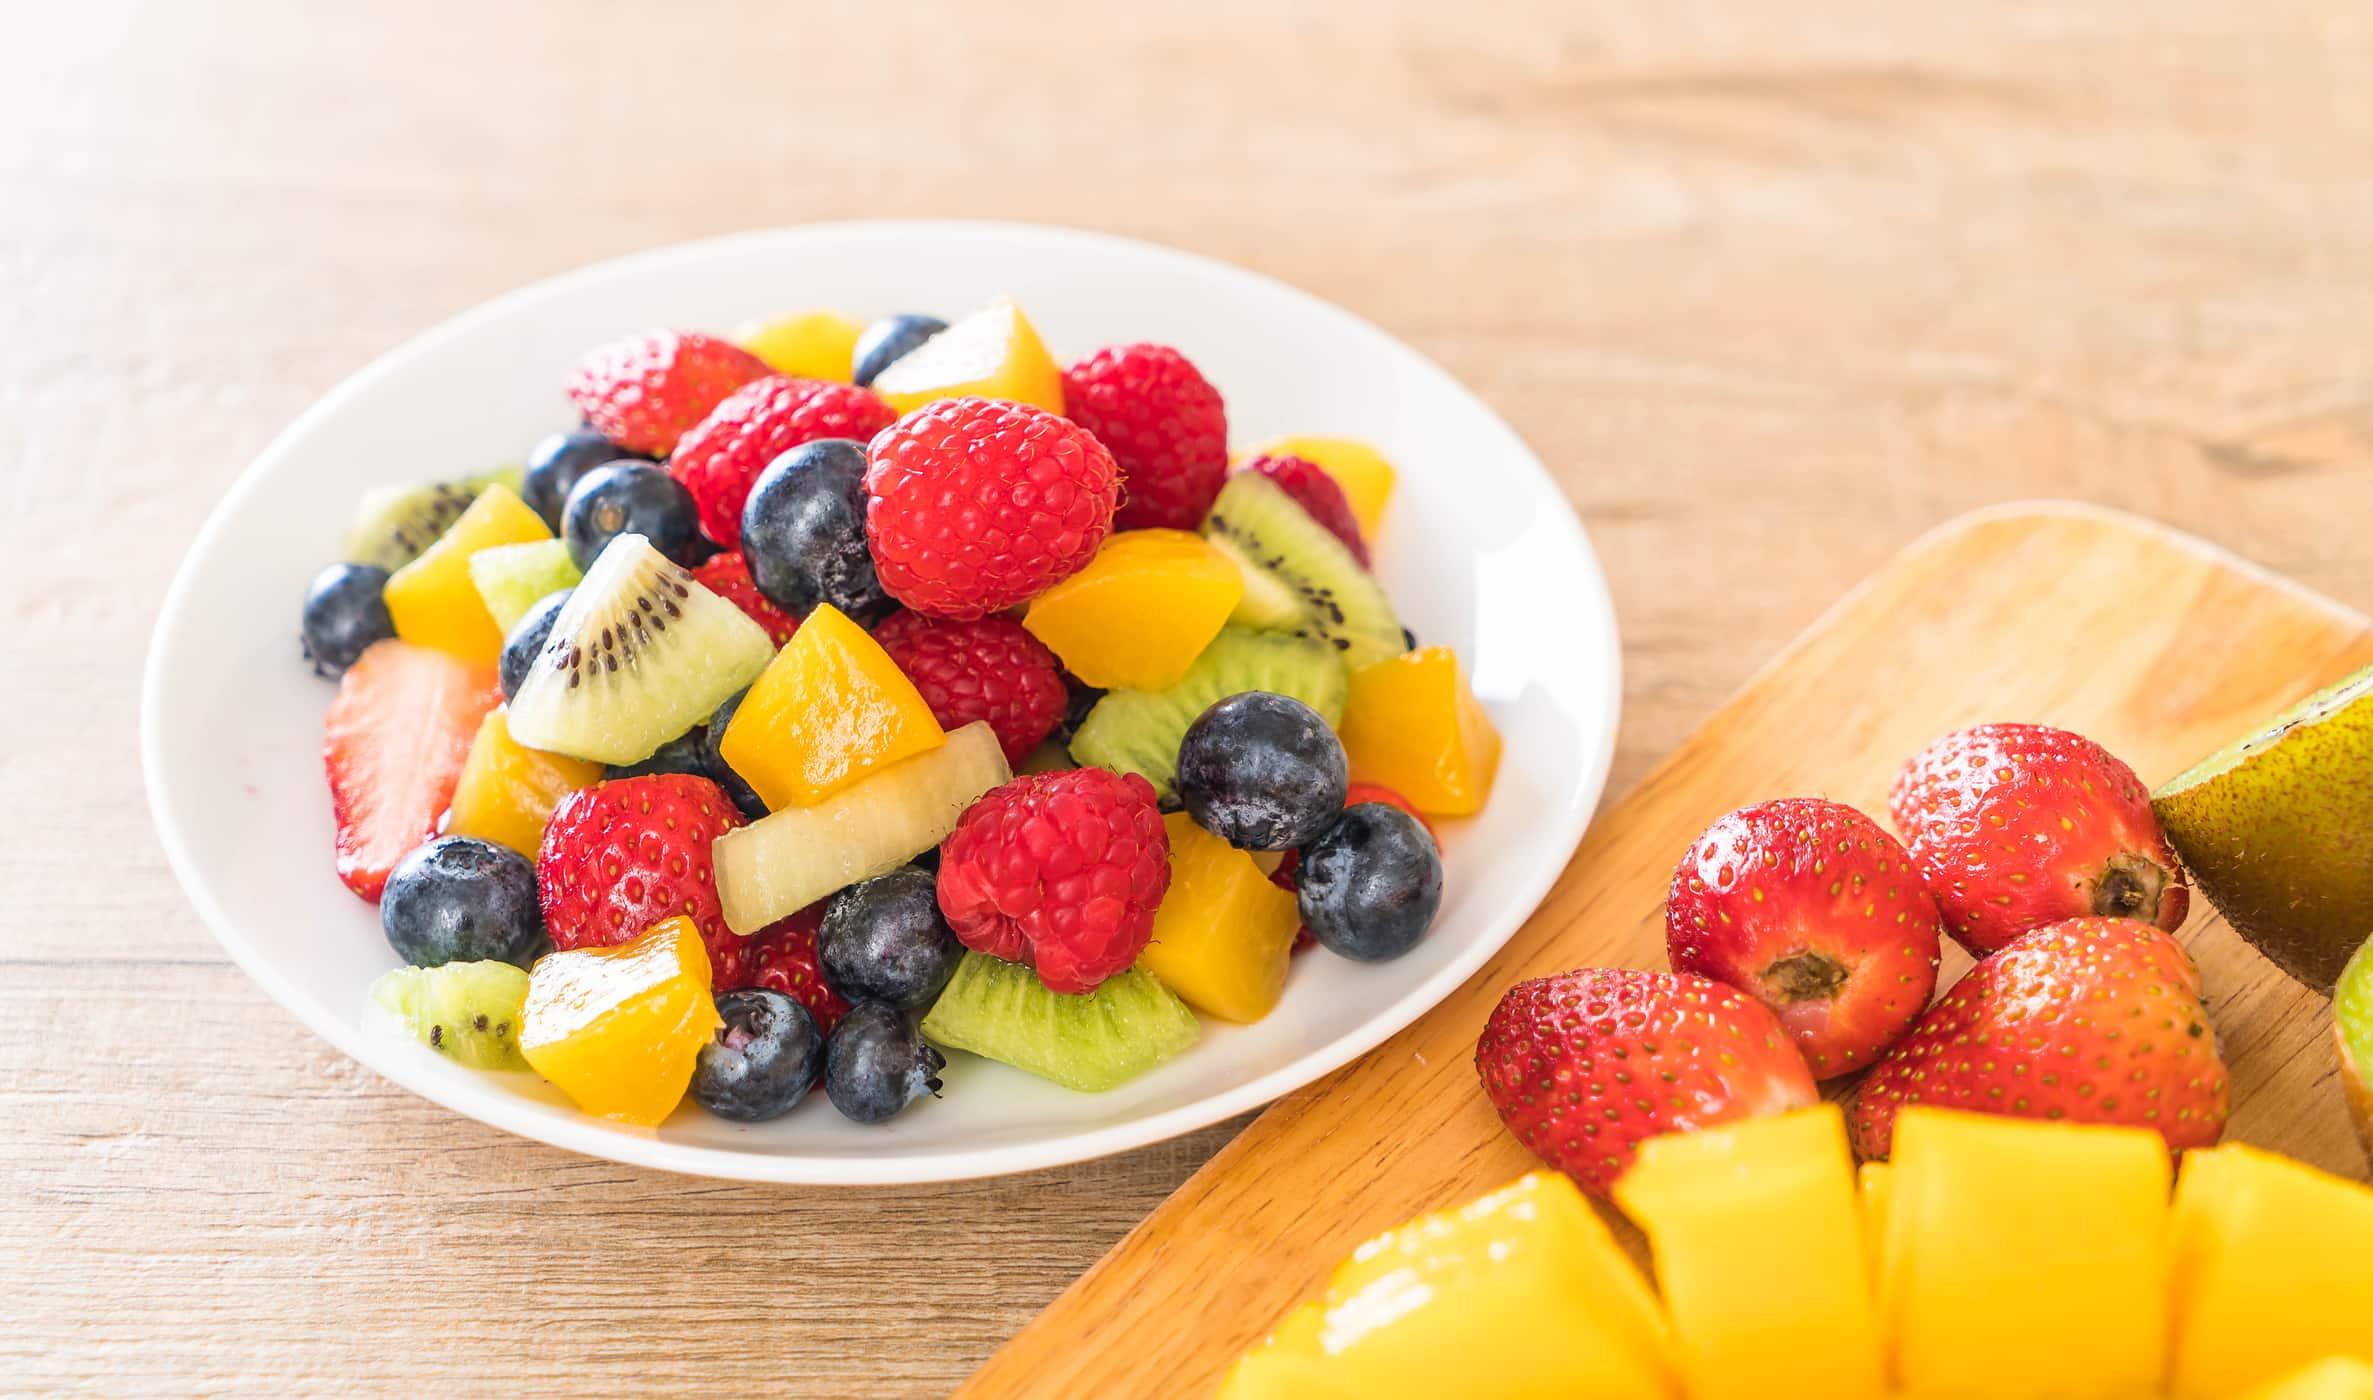 Những loại trái cây có màu vàng, đỏ rất tốt cho người u xơ tử cung